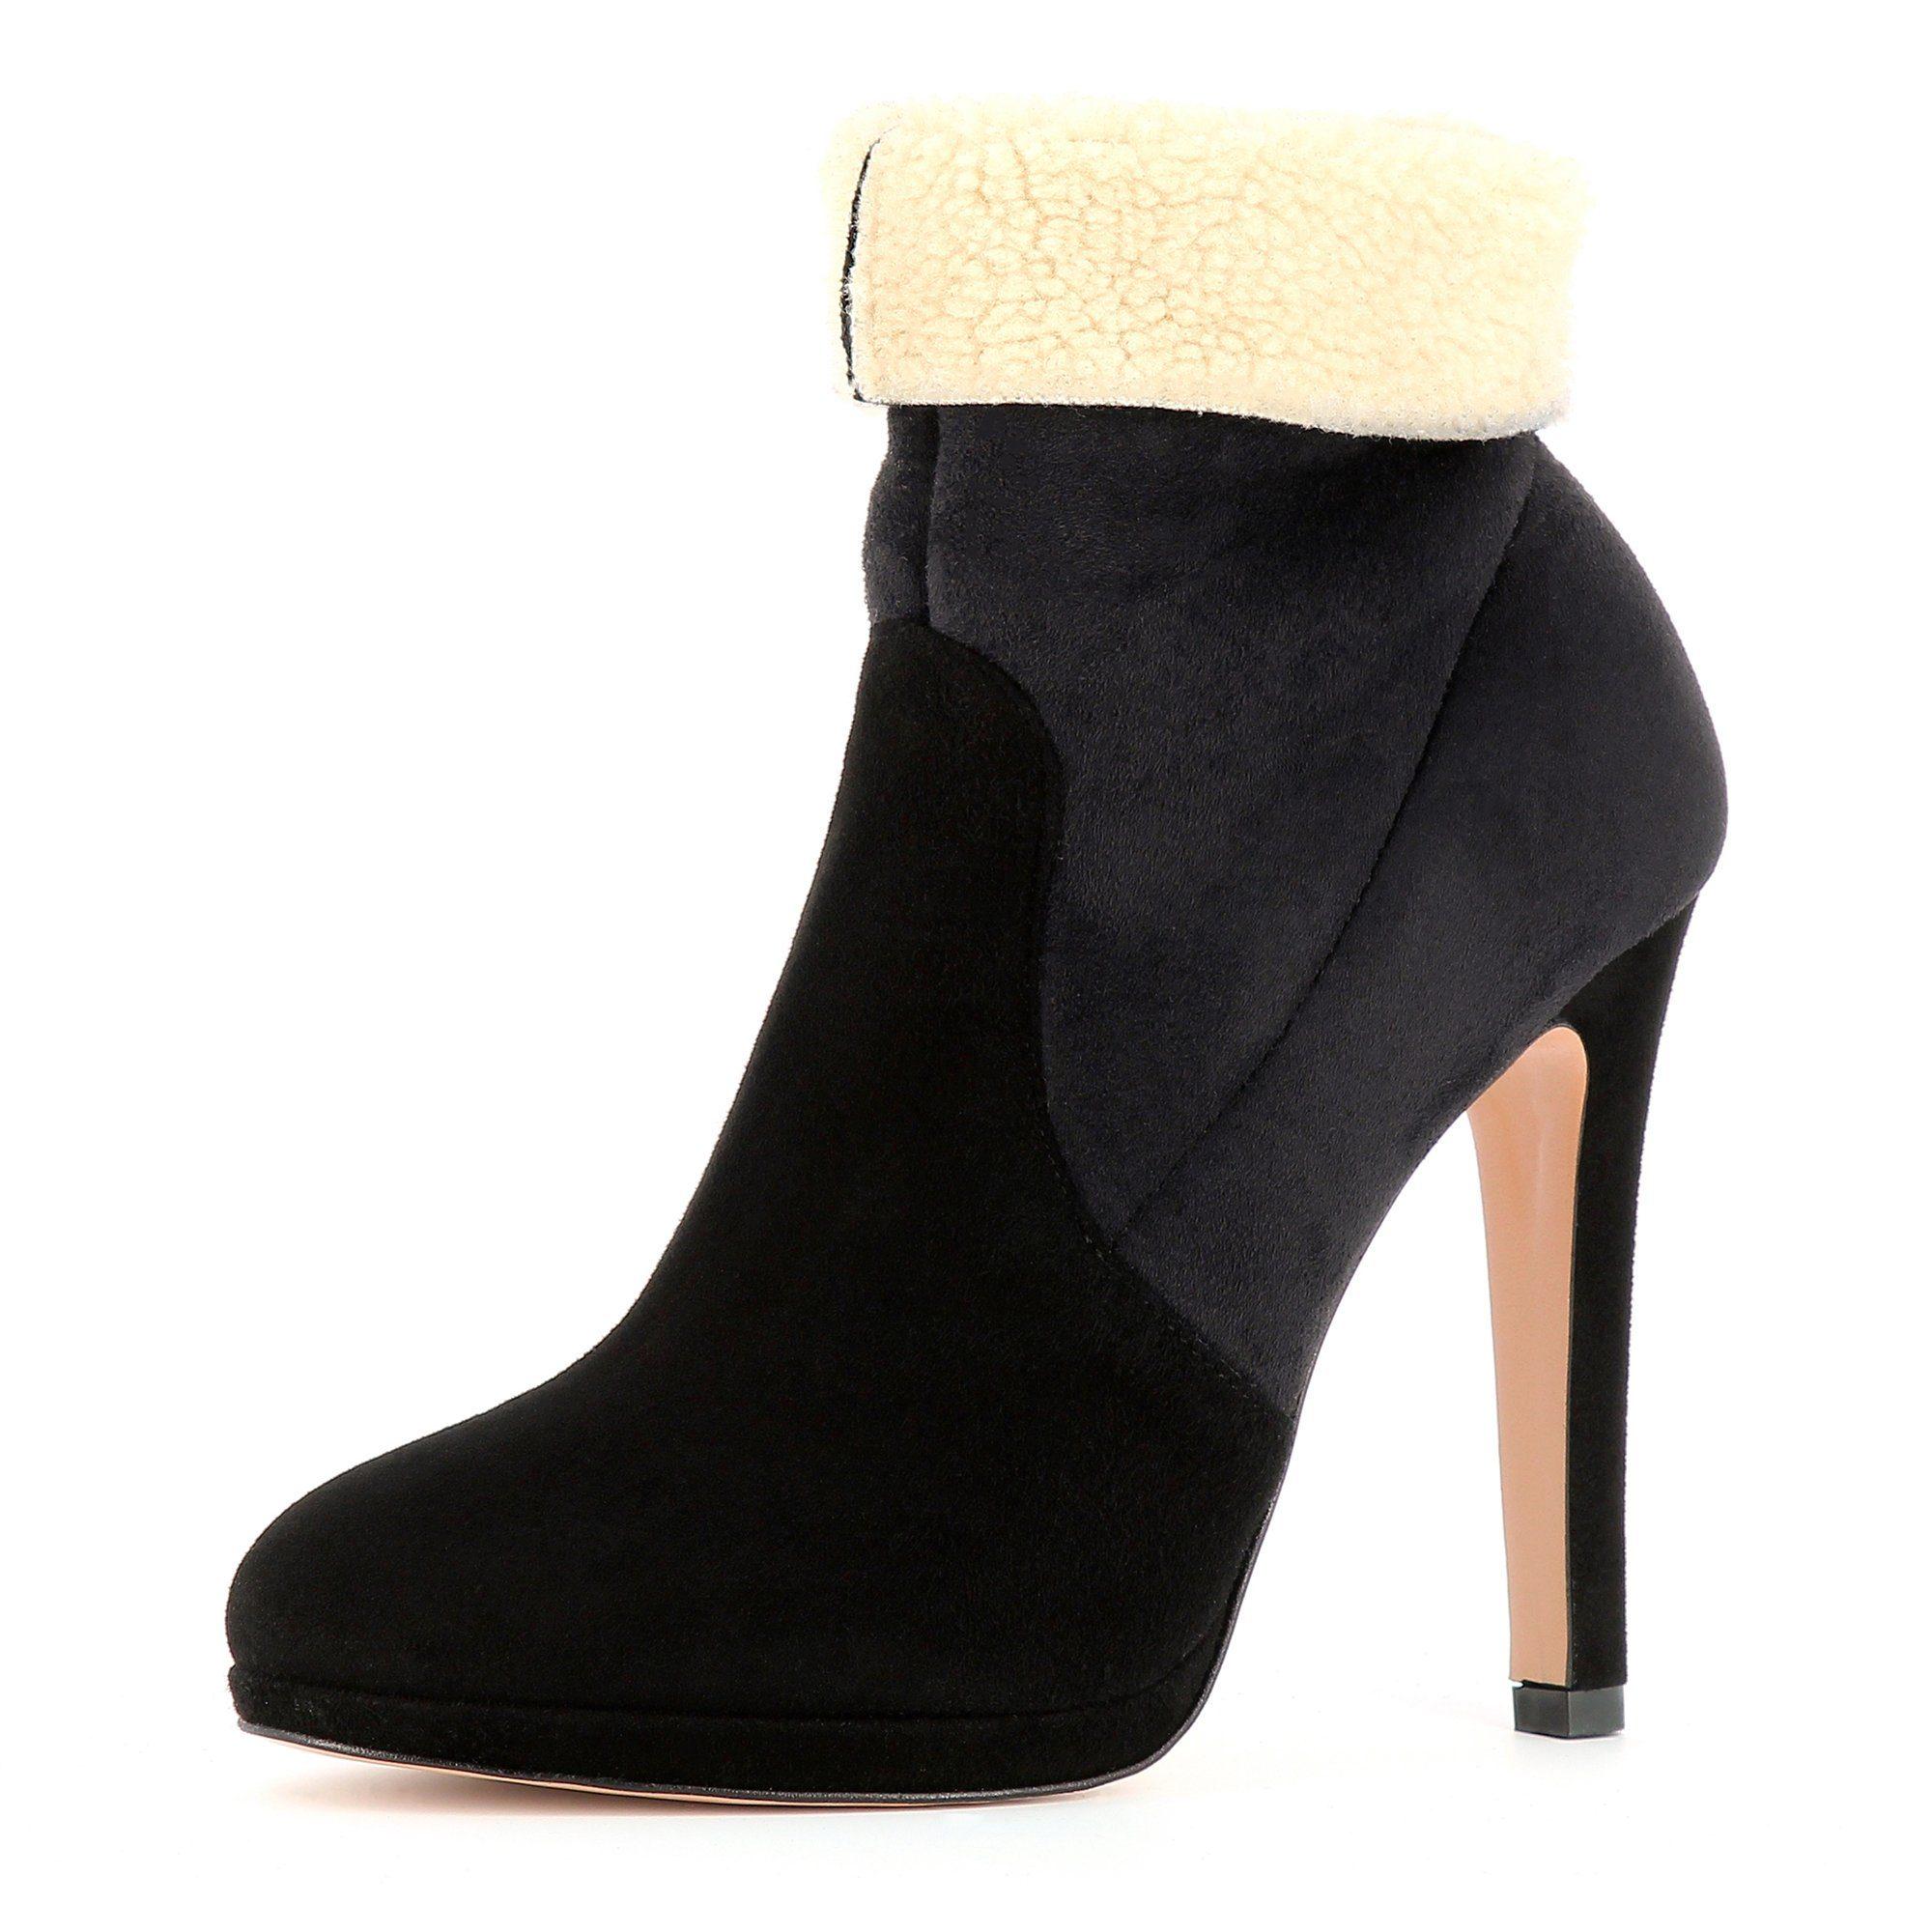 Evita »ELEONORA« Stiefelette, schwarz, EURO-Größen, schwarz